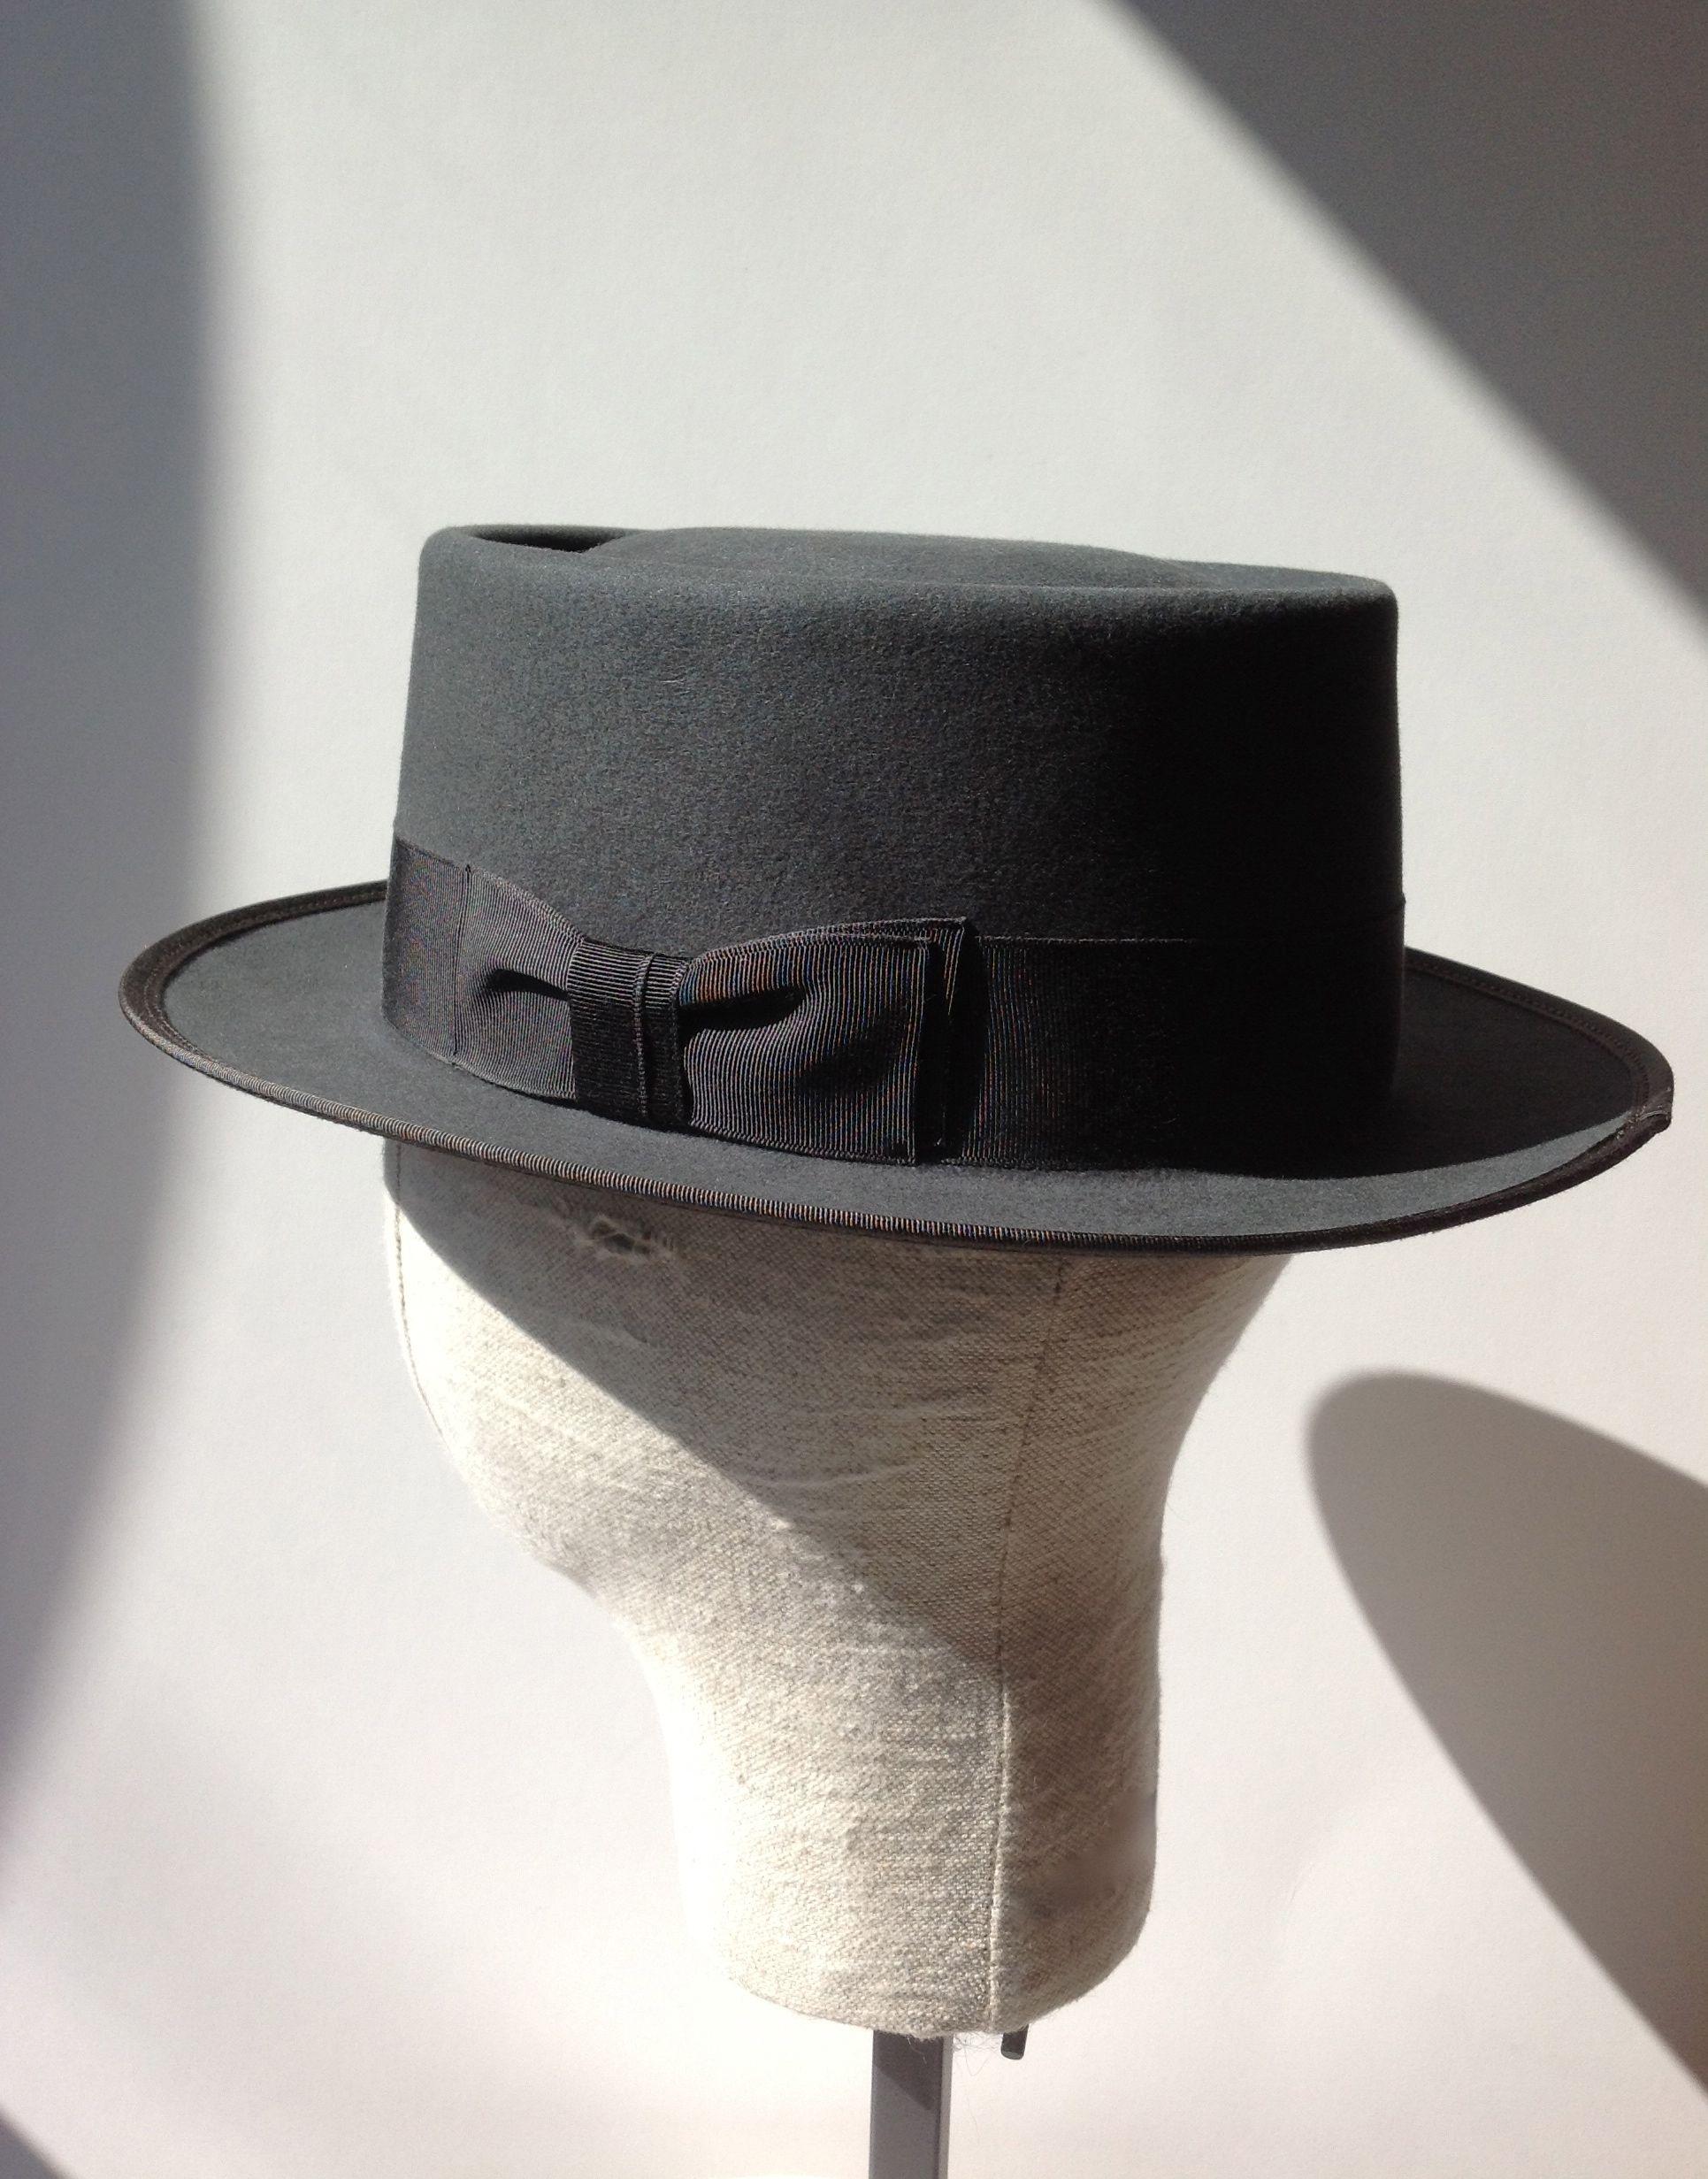 4f3f7c561e83d Custom Felt Hats - Latest and Best Hat Models